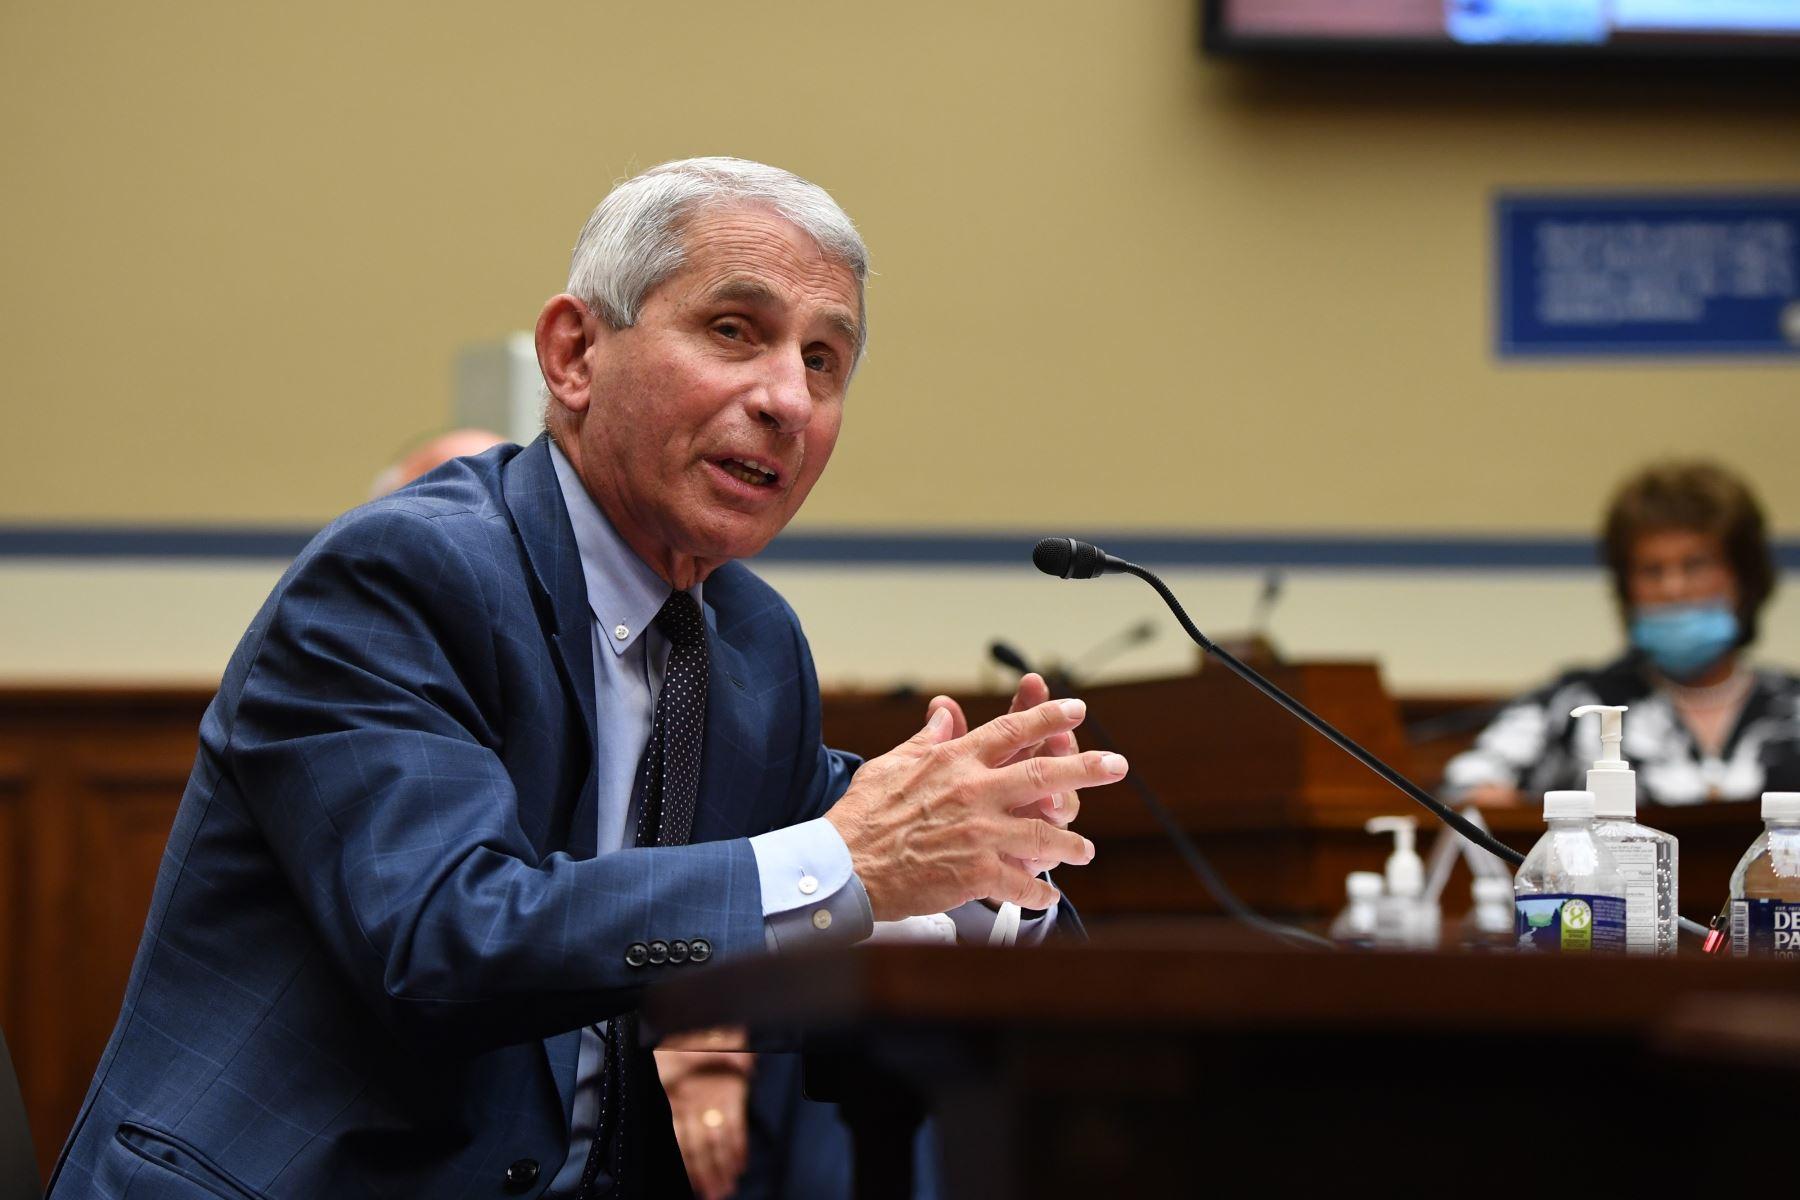 El principal epidemiólogo de EE. UU., Anthony Fauci, durante una intervención en el Congreso estadounidense. Foto: EFE